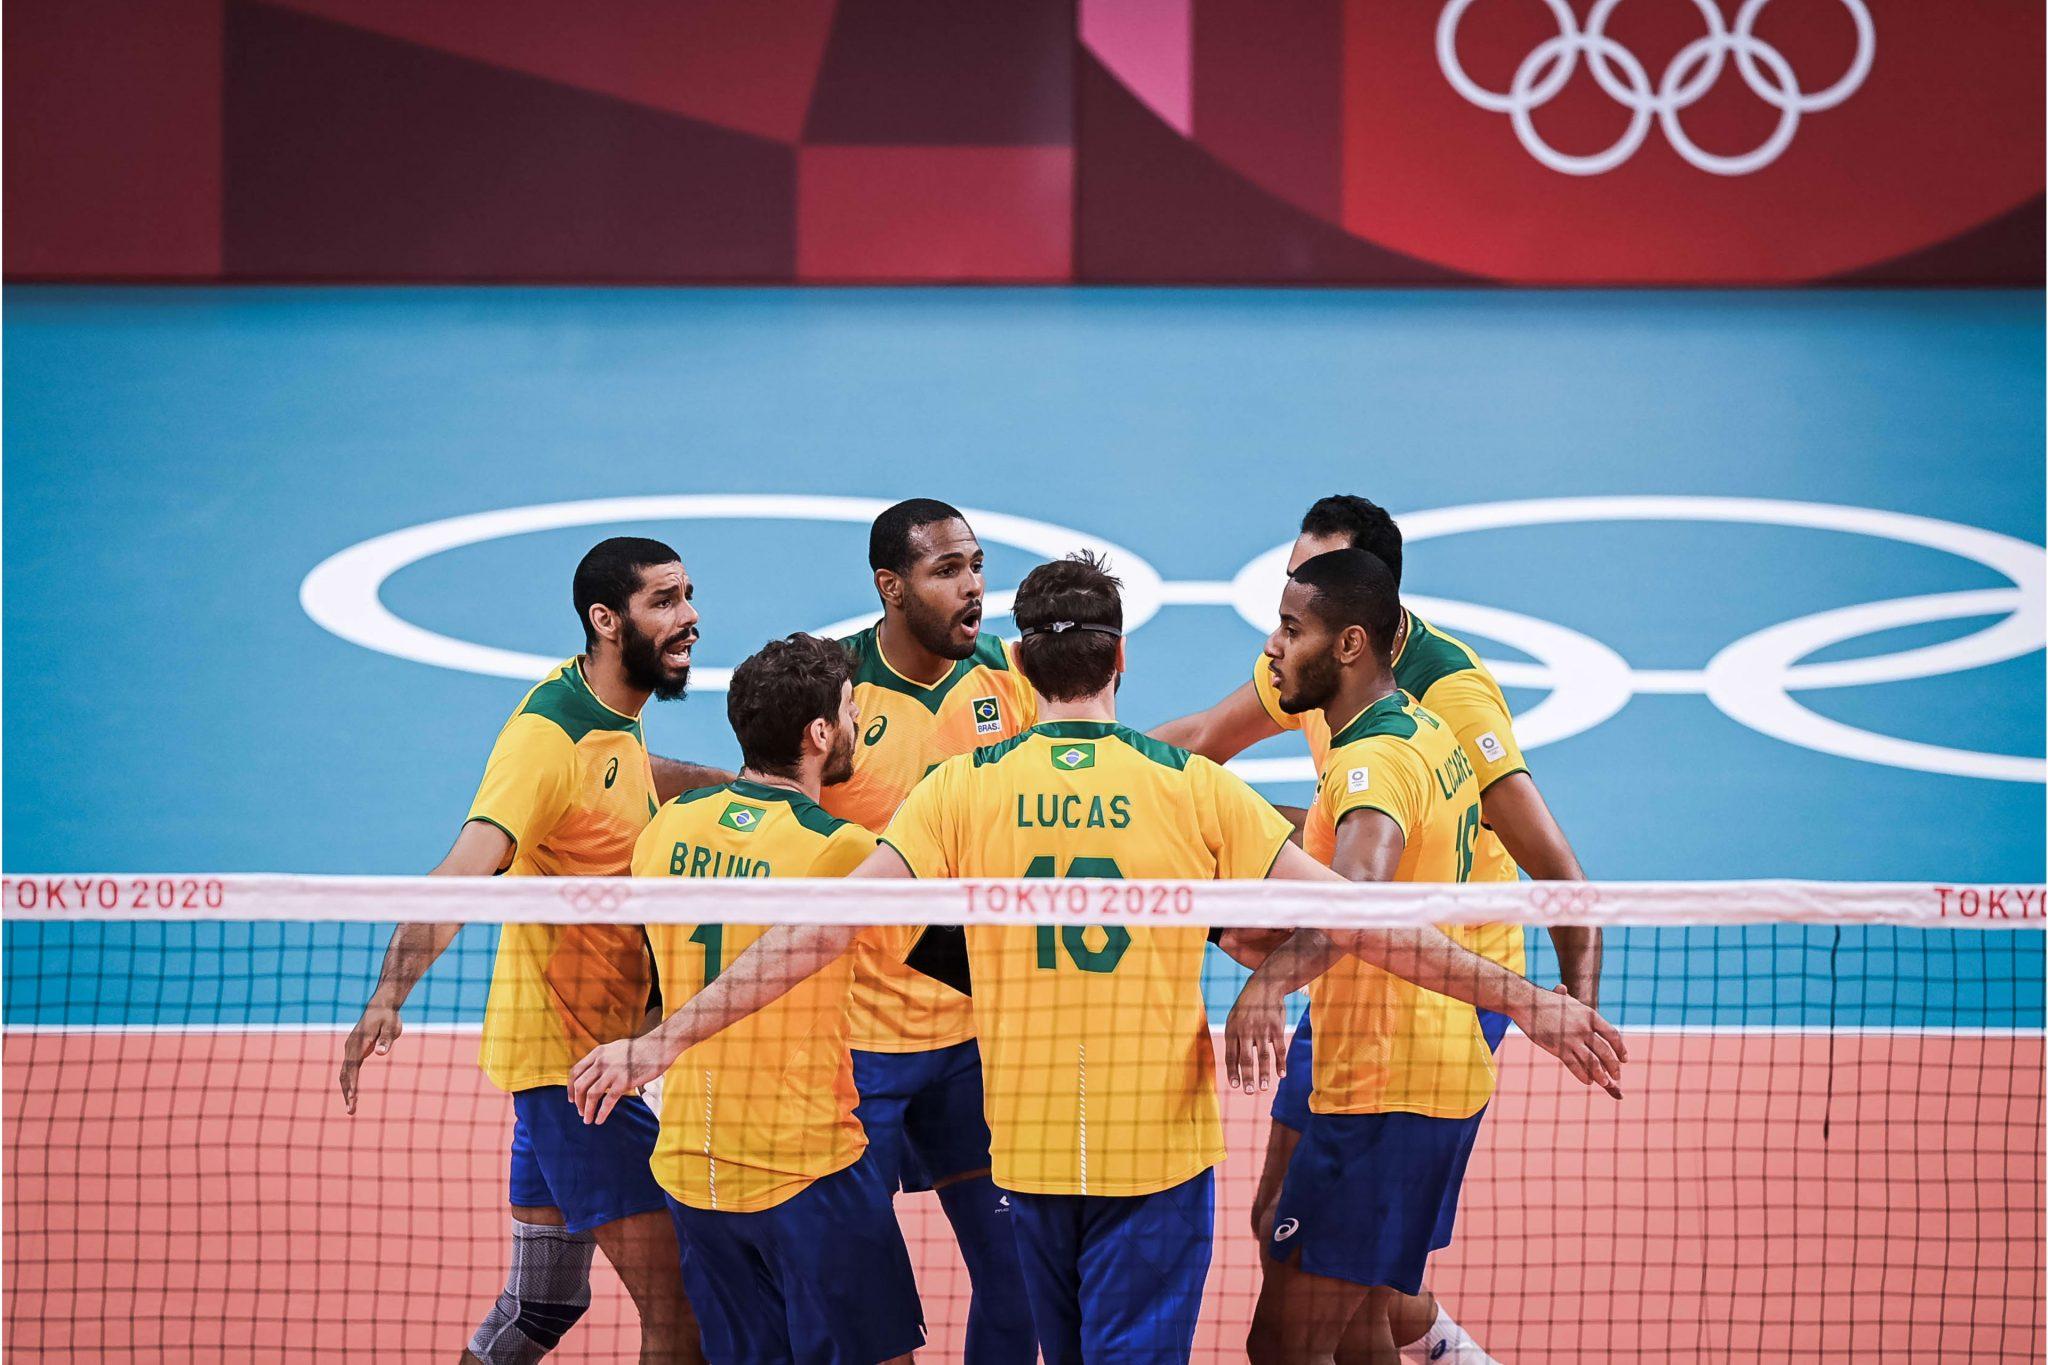 Brasil vôlei masculino Tóquio 2020